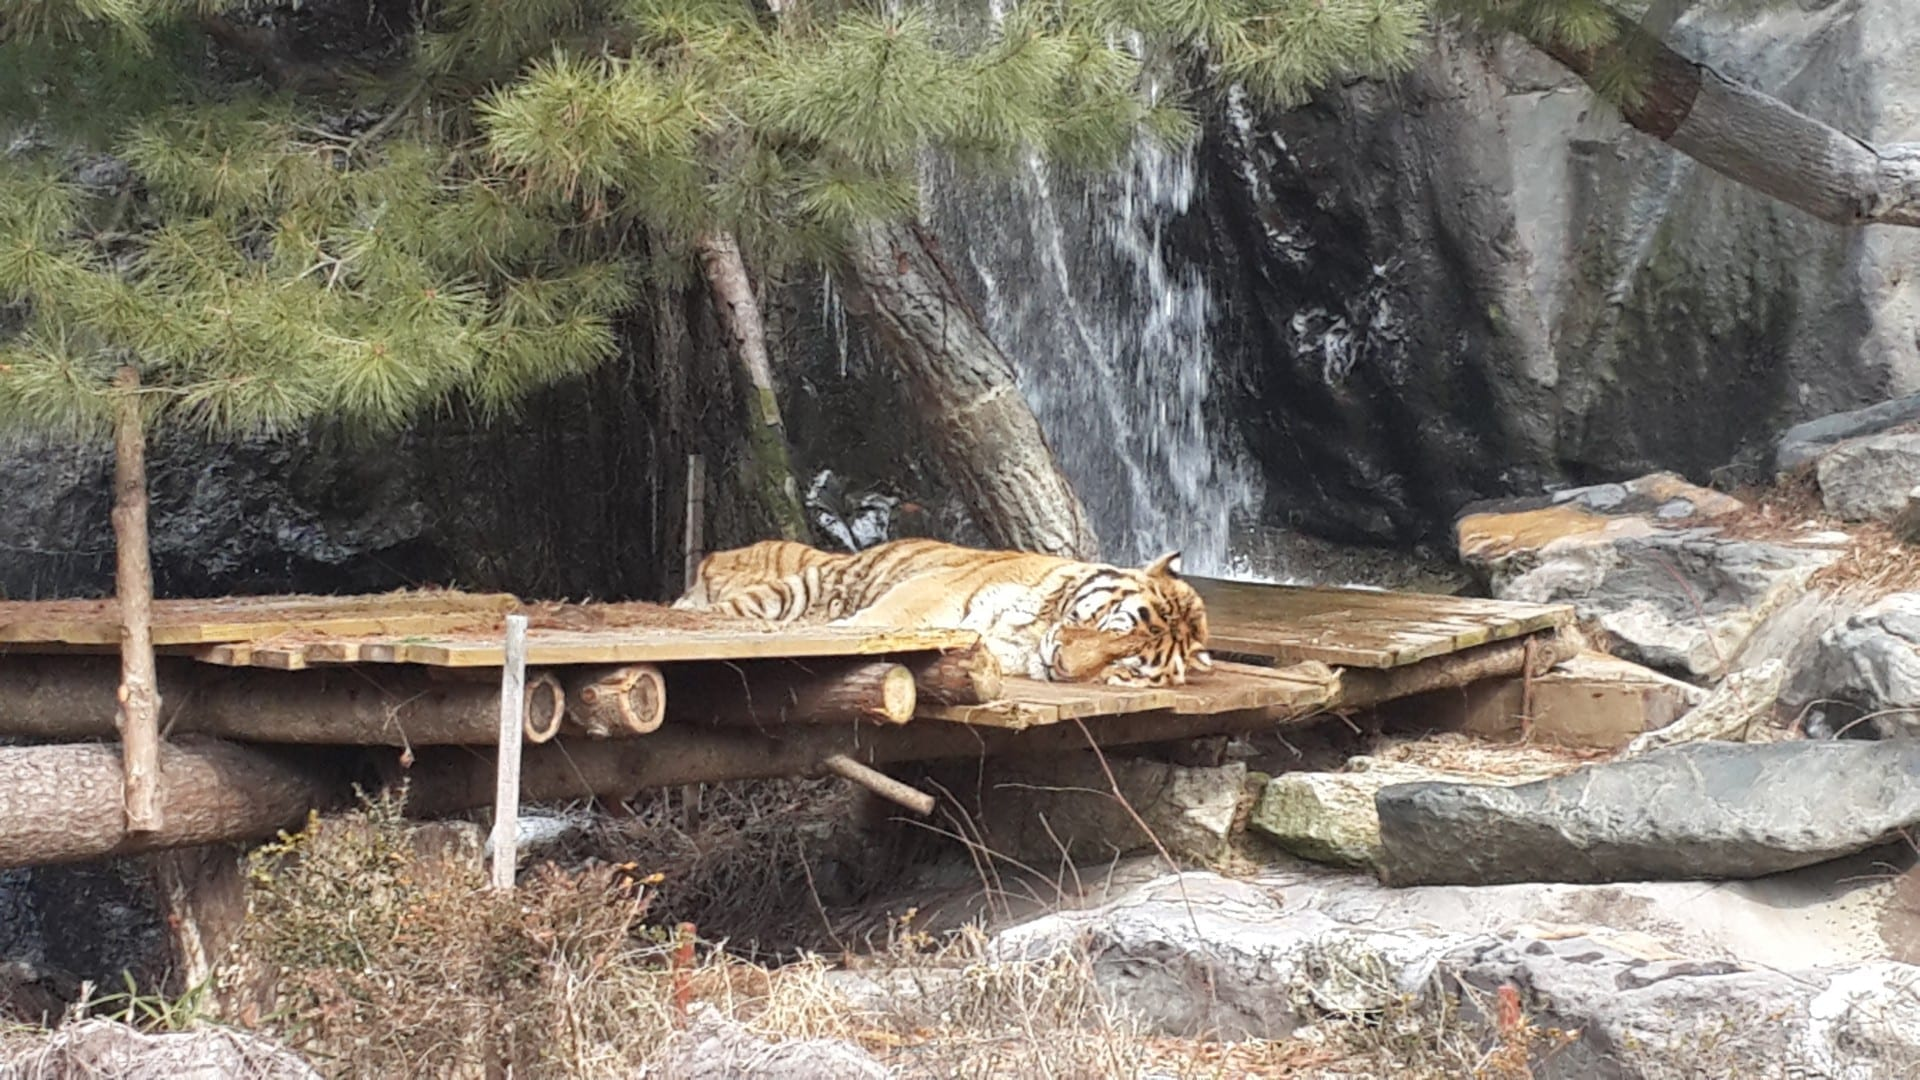 Hay tigres en el safari. Yongin Corea del Sur